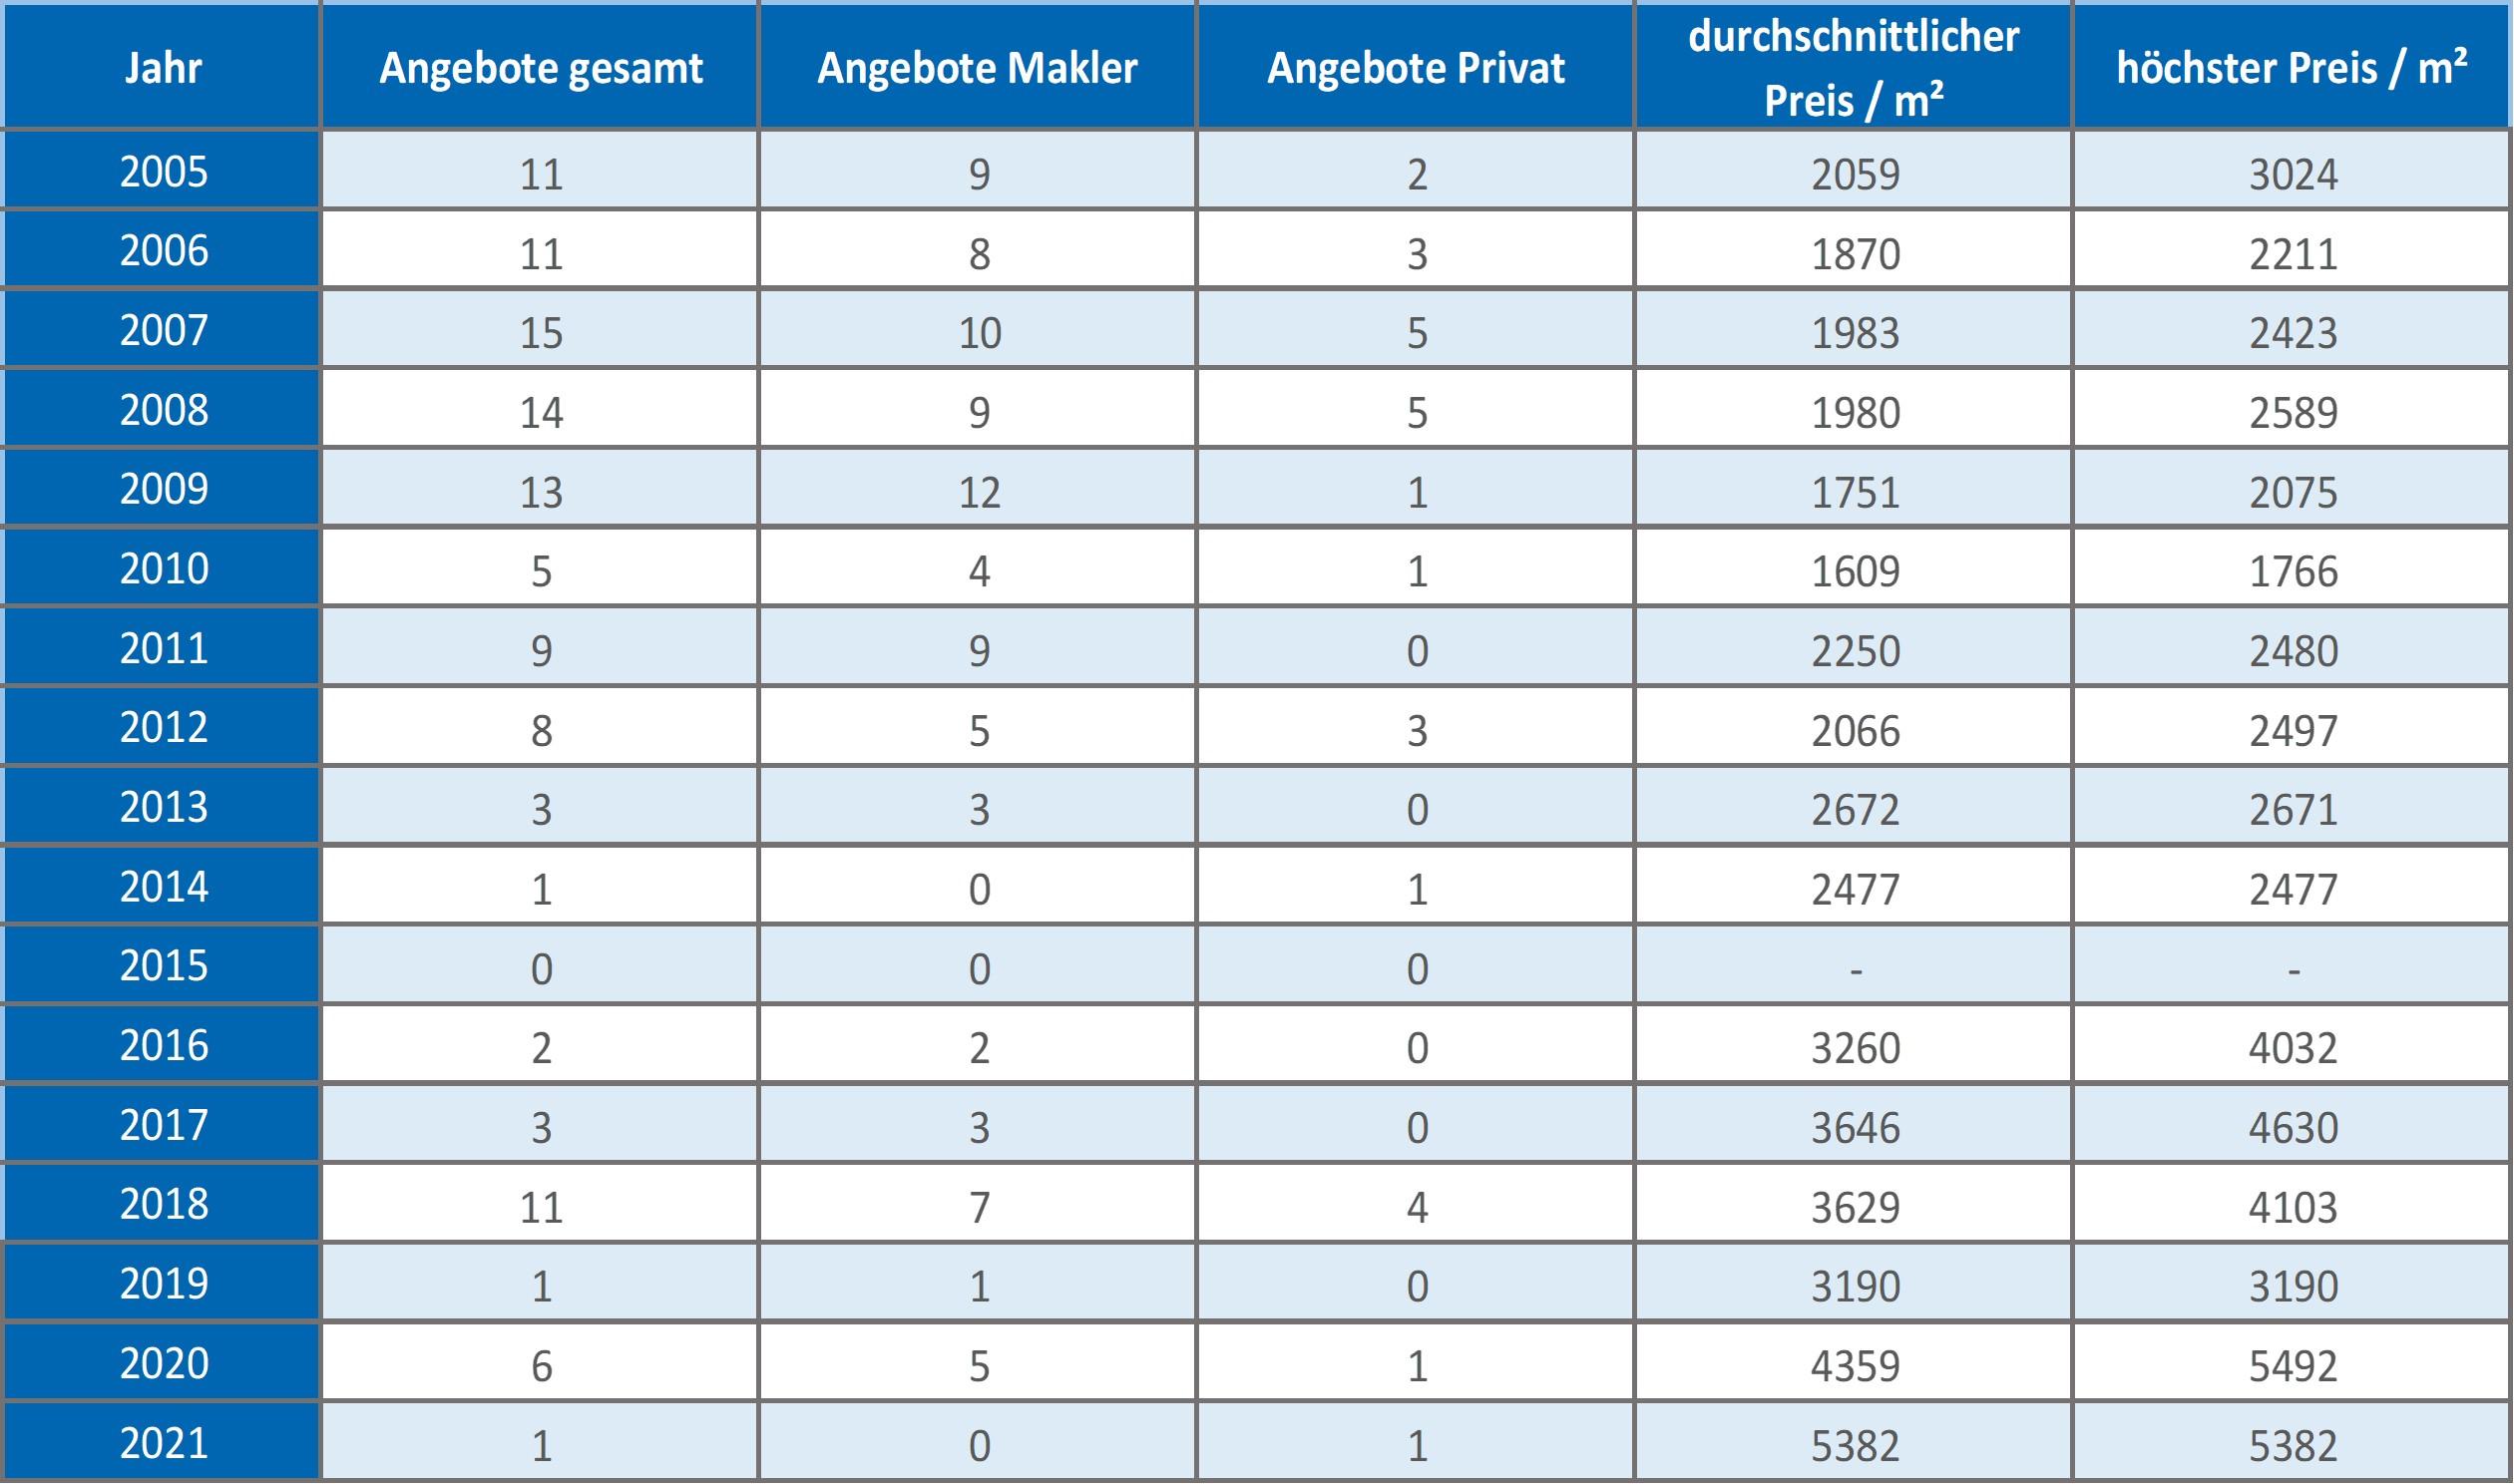 Aßling-Wohnung-kaufen-verkaufen-Makler 2019, 2020, 2021